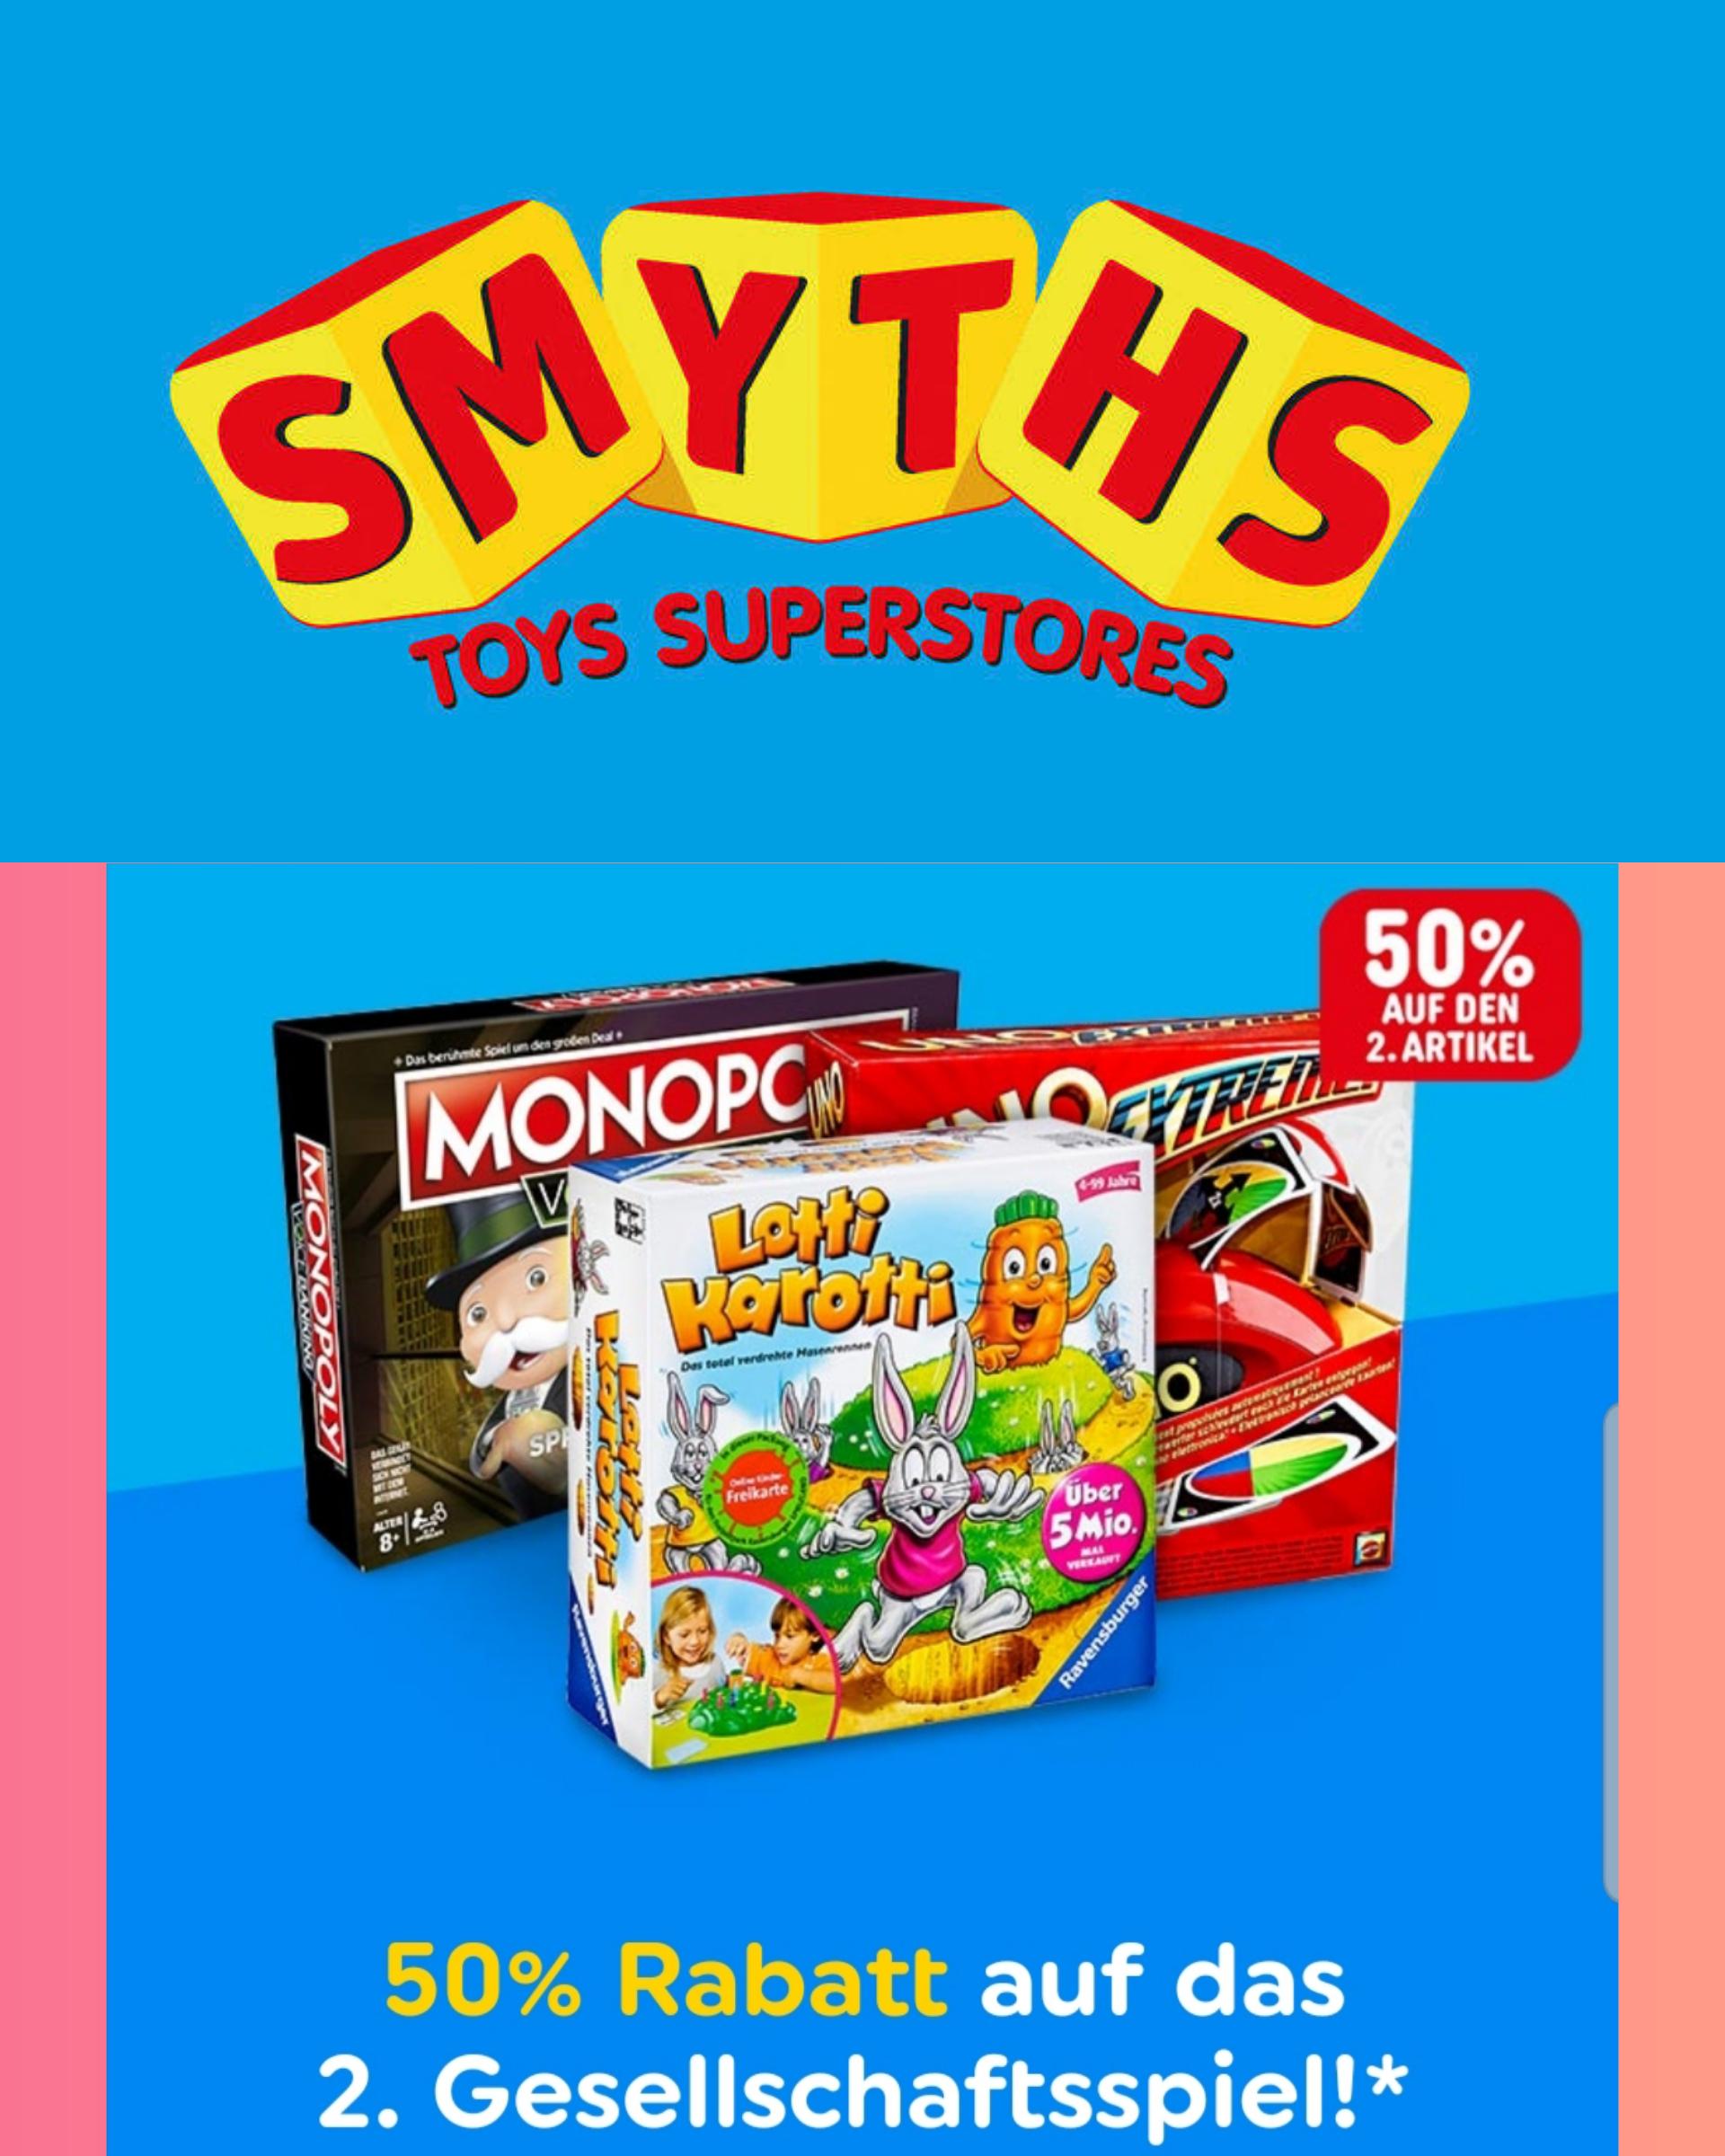 SMYTHS | 50% auf den 2ten Artikel beim Kauf von 2 Gesellschaftsspielen / Gesellschaftsspiel